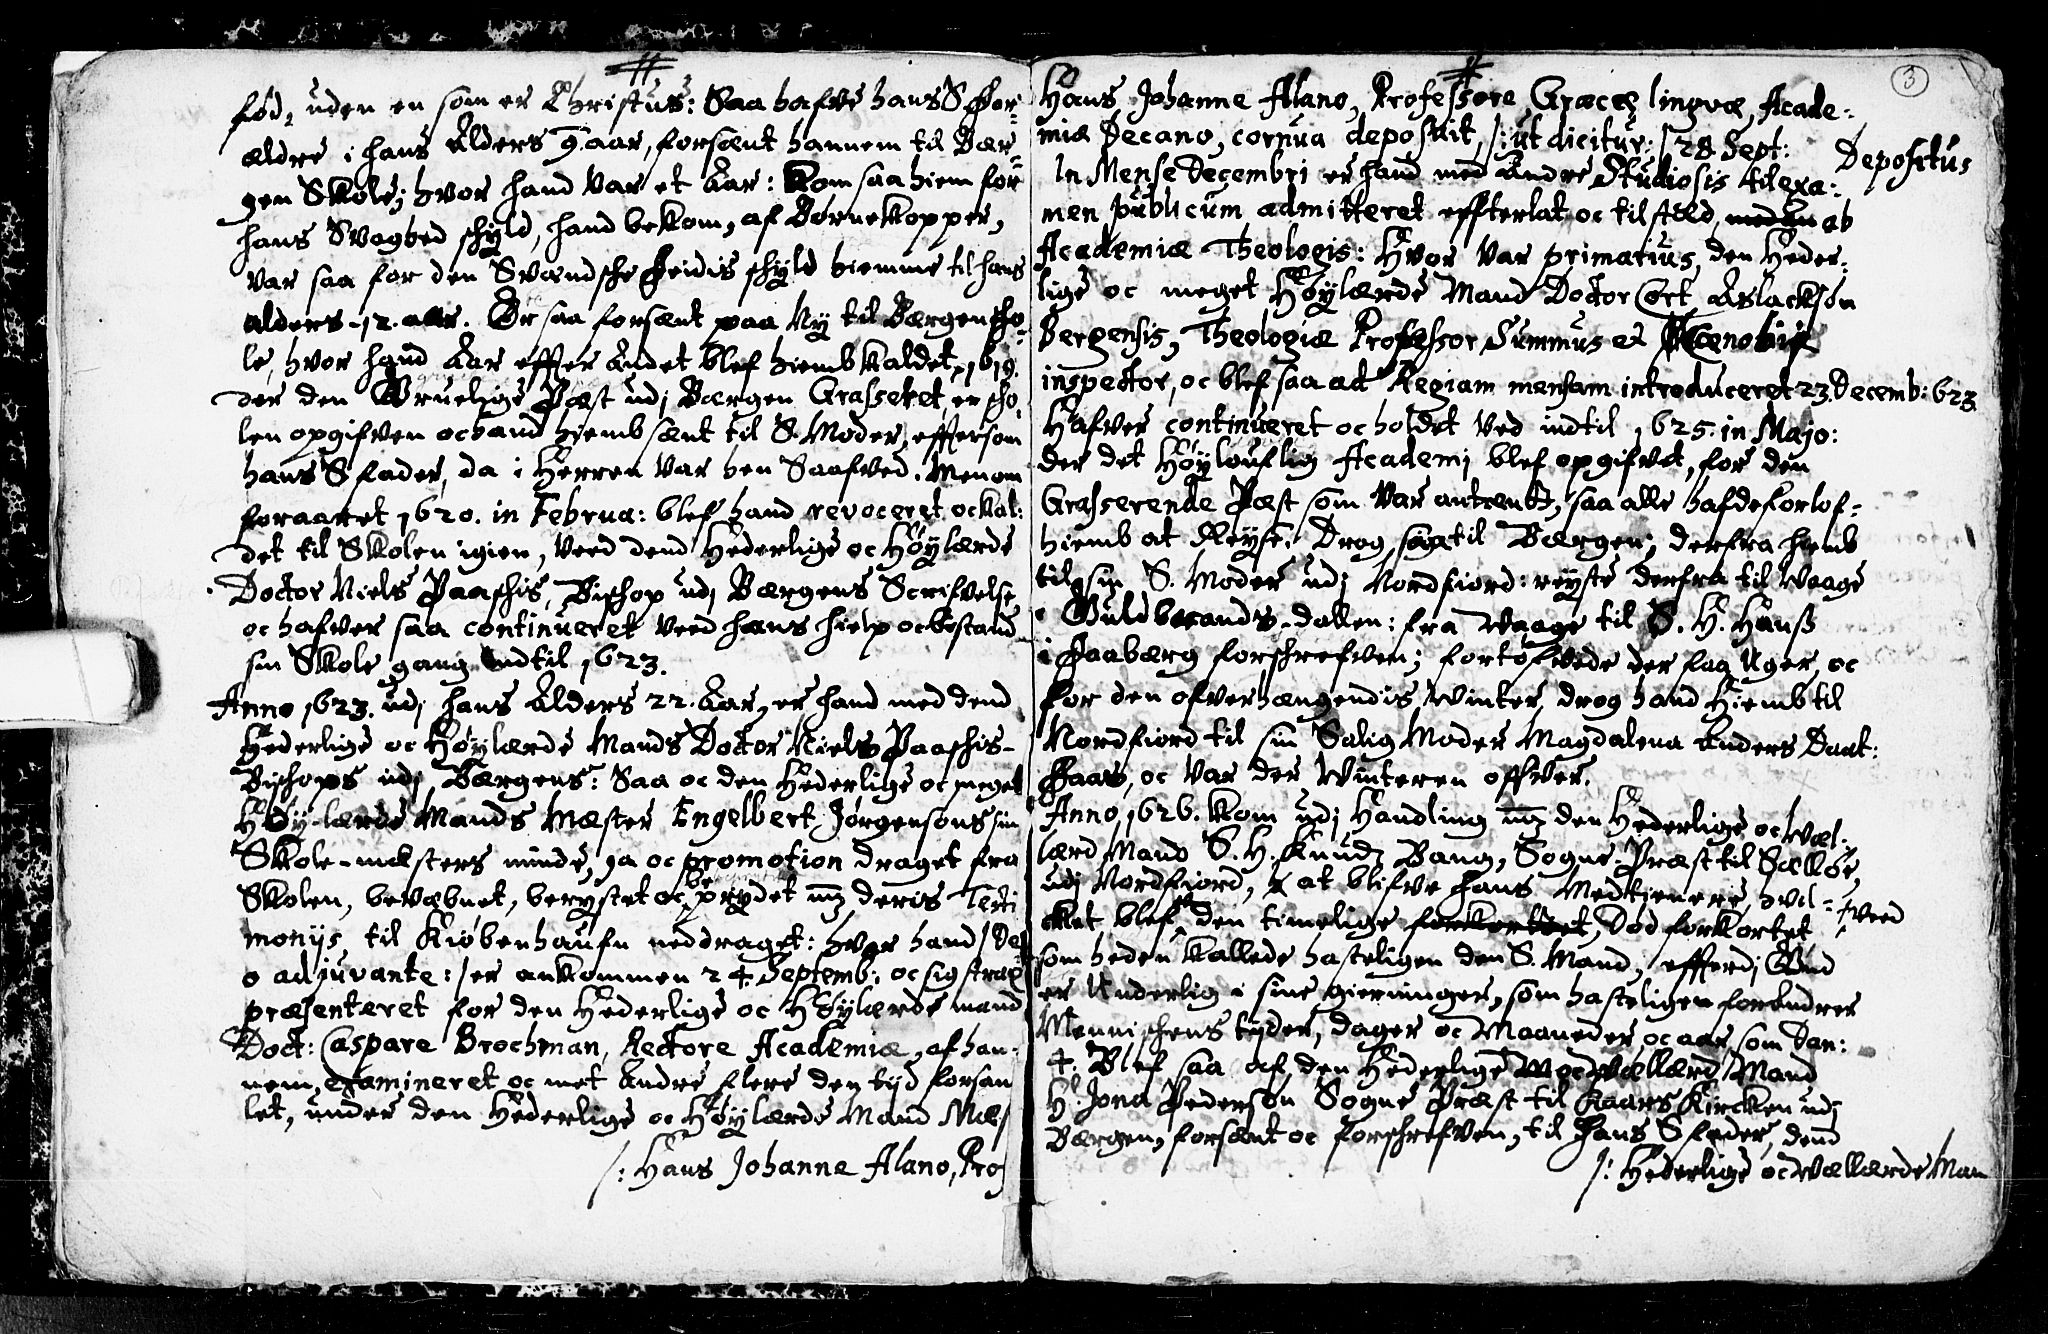 SAKO, Seljord kirkebøker, F/Fa/L0001: Ministerialbok nr. I 1, 1654-1686, s. 3